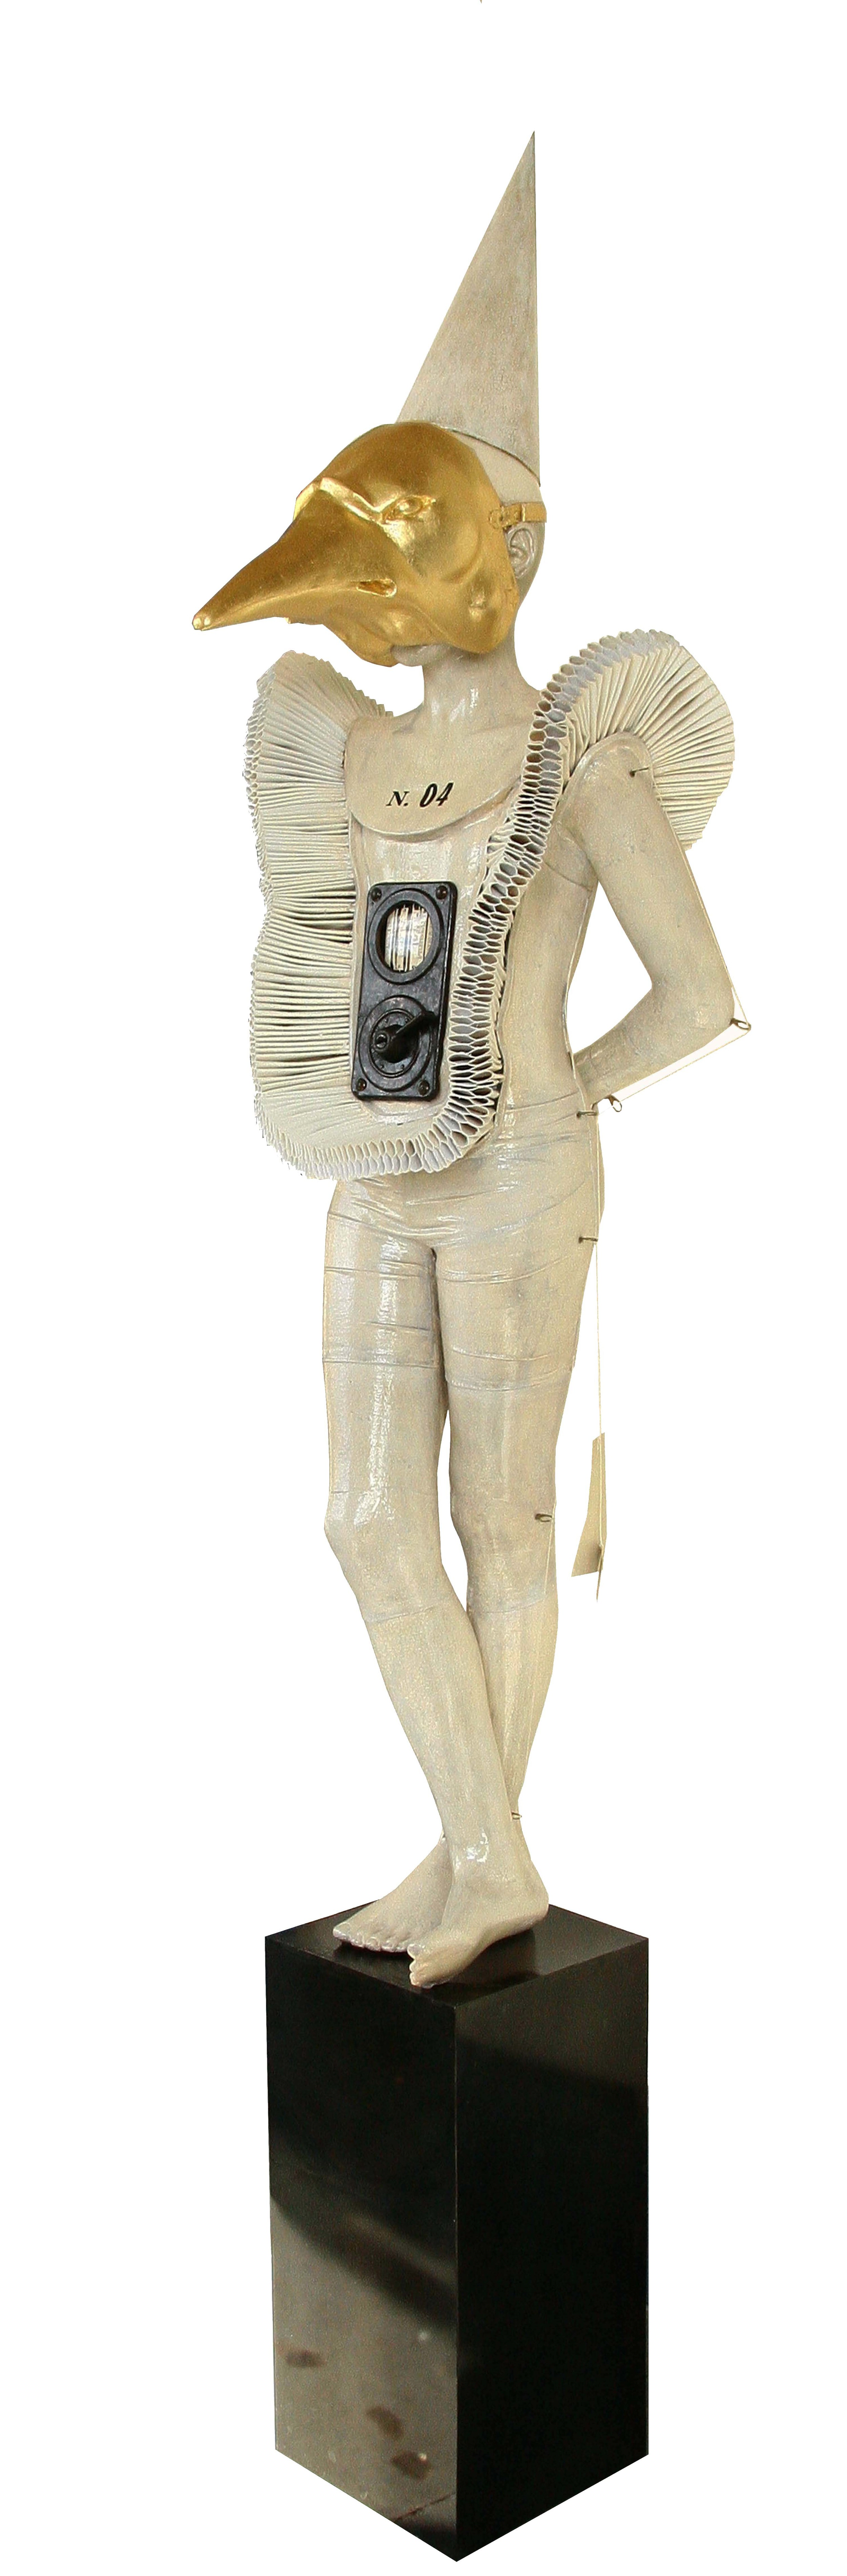 envoi lost mannequin blog.jpg